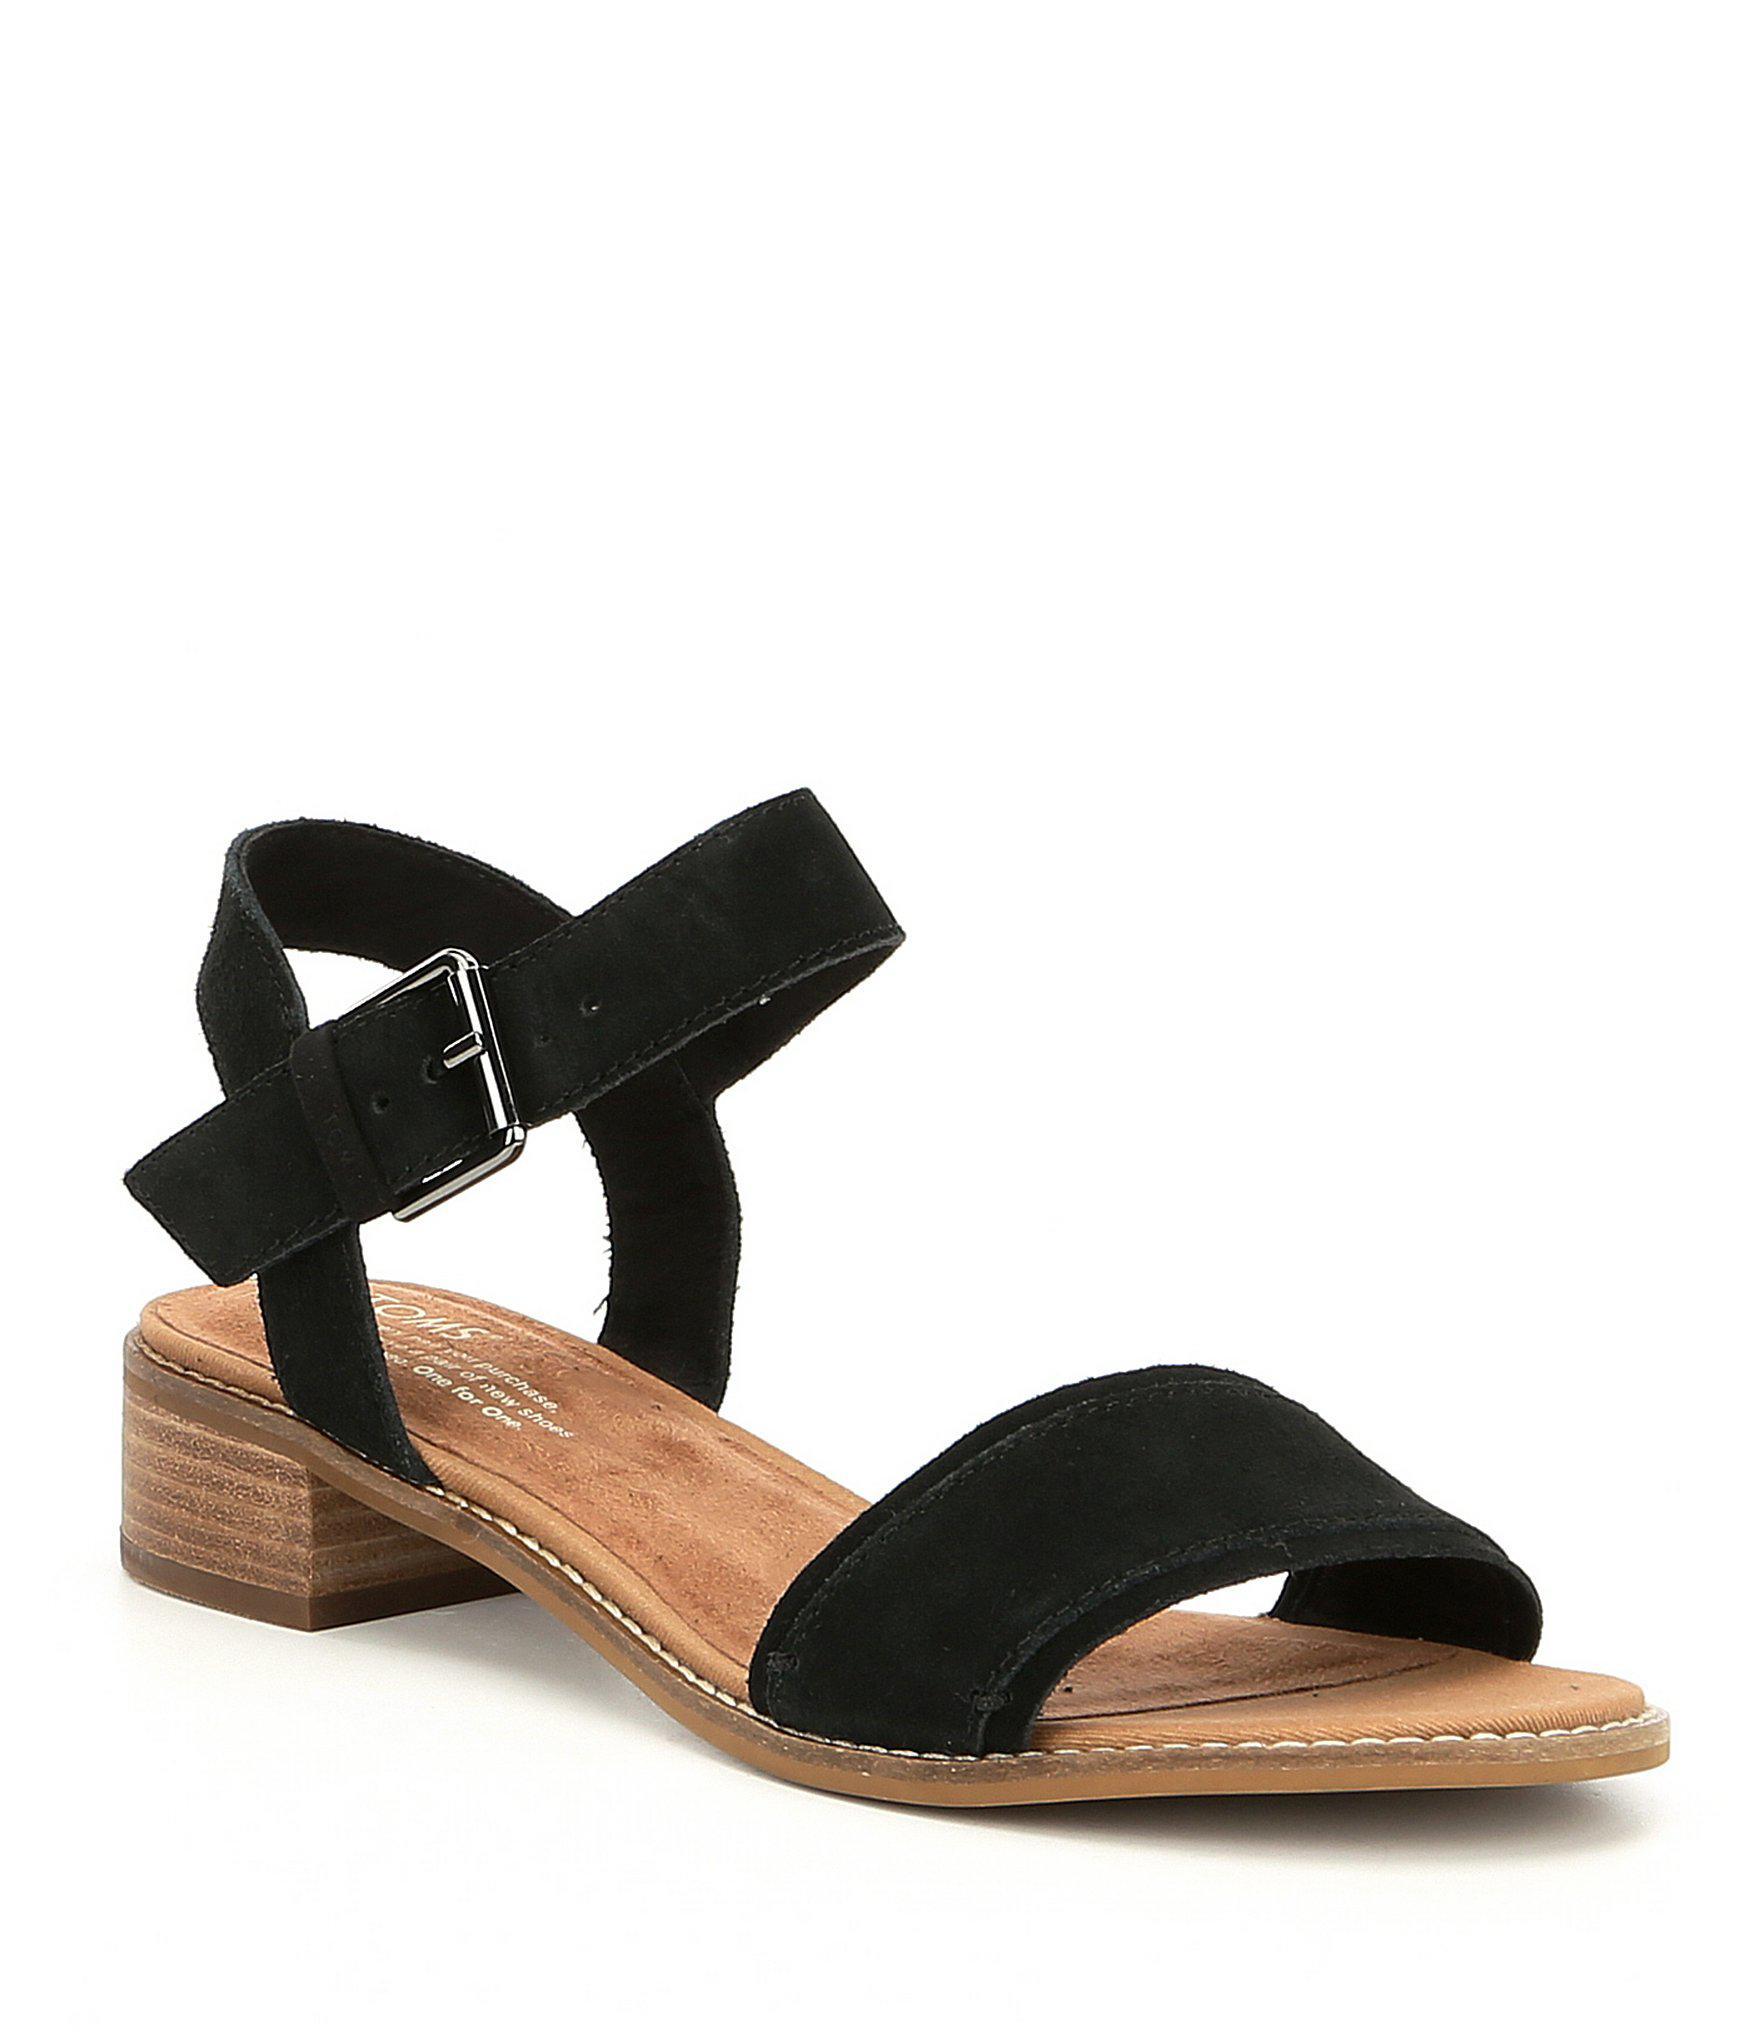 417bc8fad87 Lyst - TOMS Camilia Suede Block Heel Sandals in Black